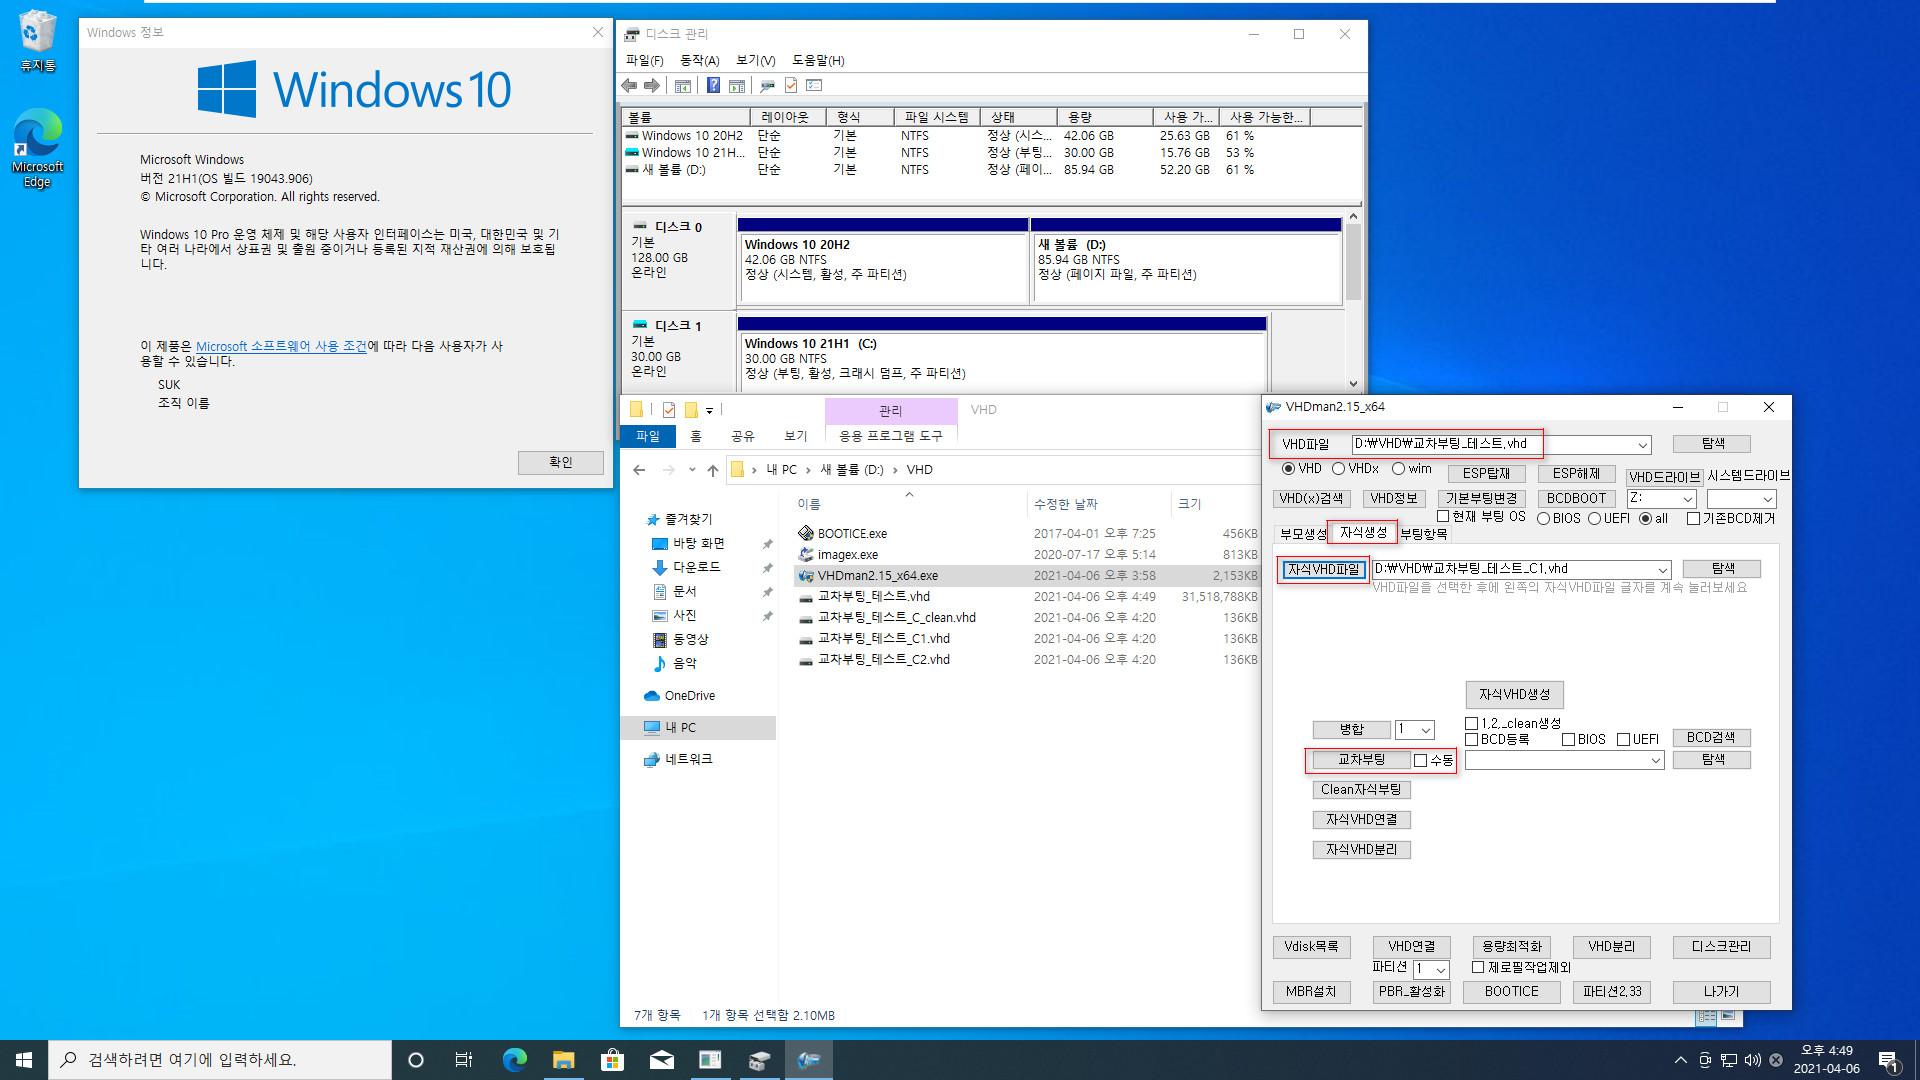 VHDman2.15으로 교차 부팅 테스트 2021-04-06_164939.jpg